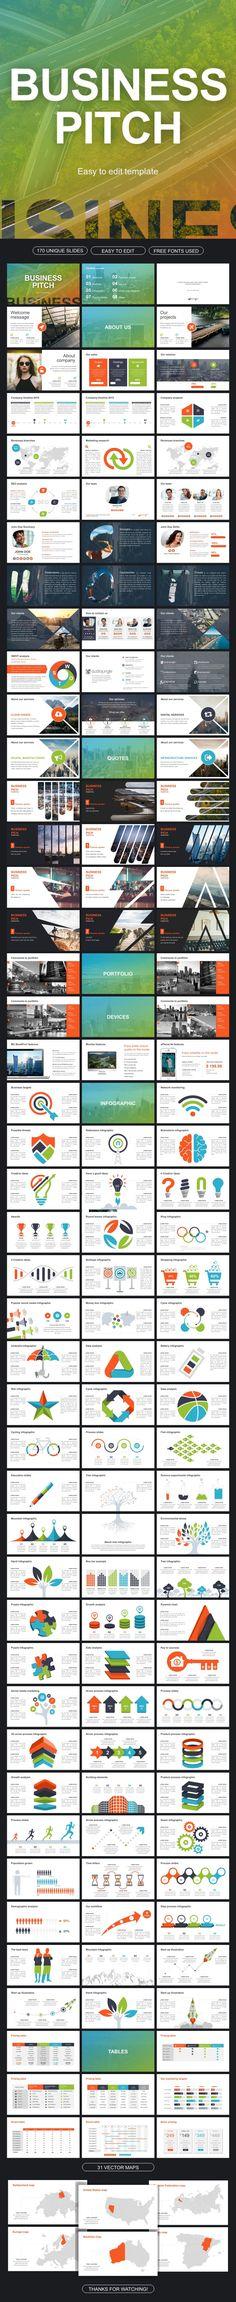 Business Pitch Google Slides - #Google Slides Presentation #Templates Download here: https://graphicriver.net/item/business-pitch-google-slides/20116622?ref=alena994